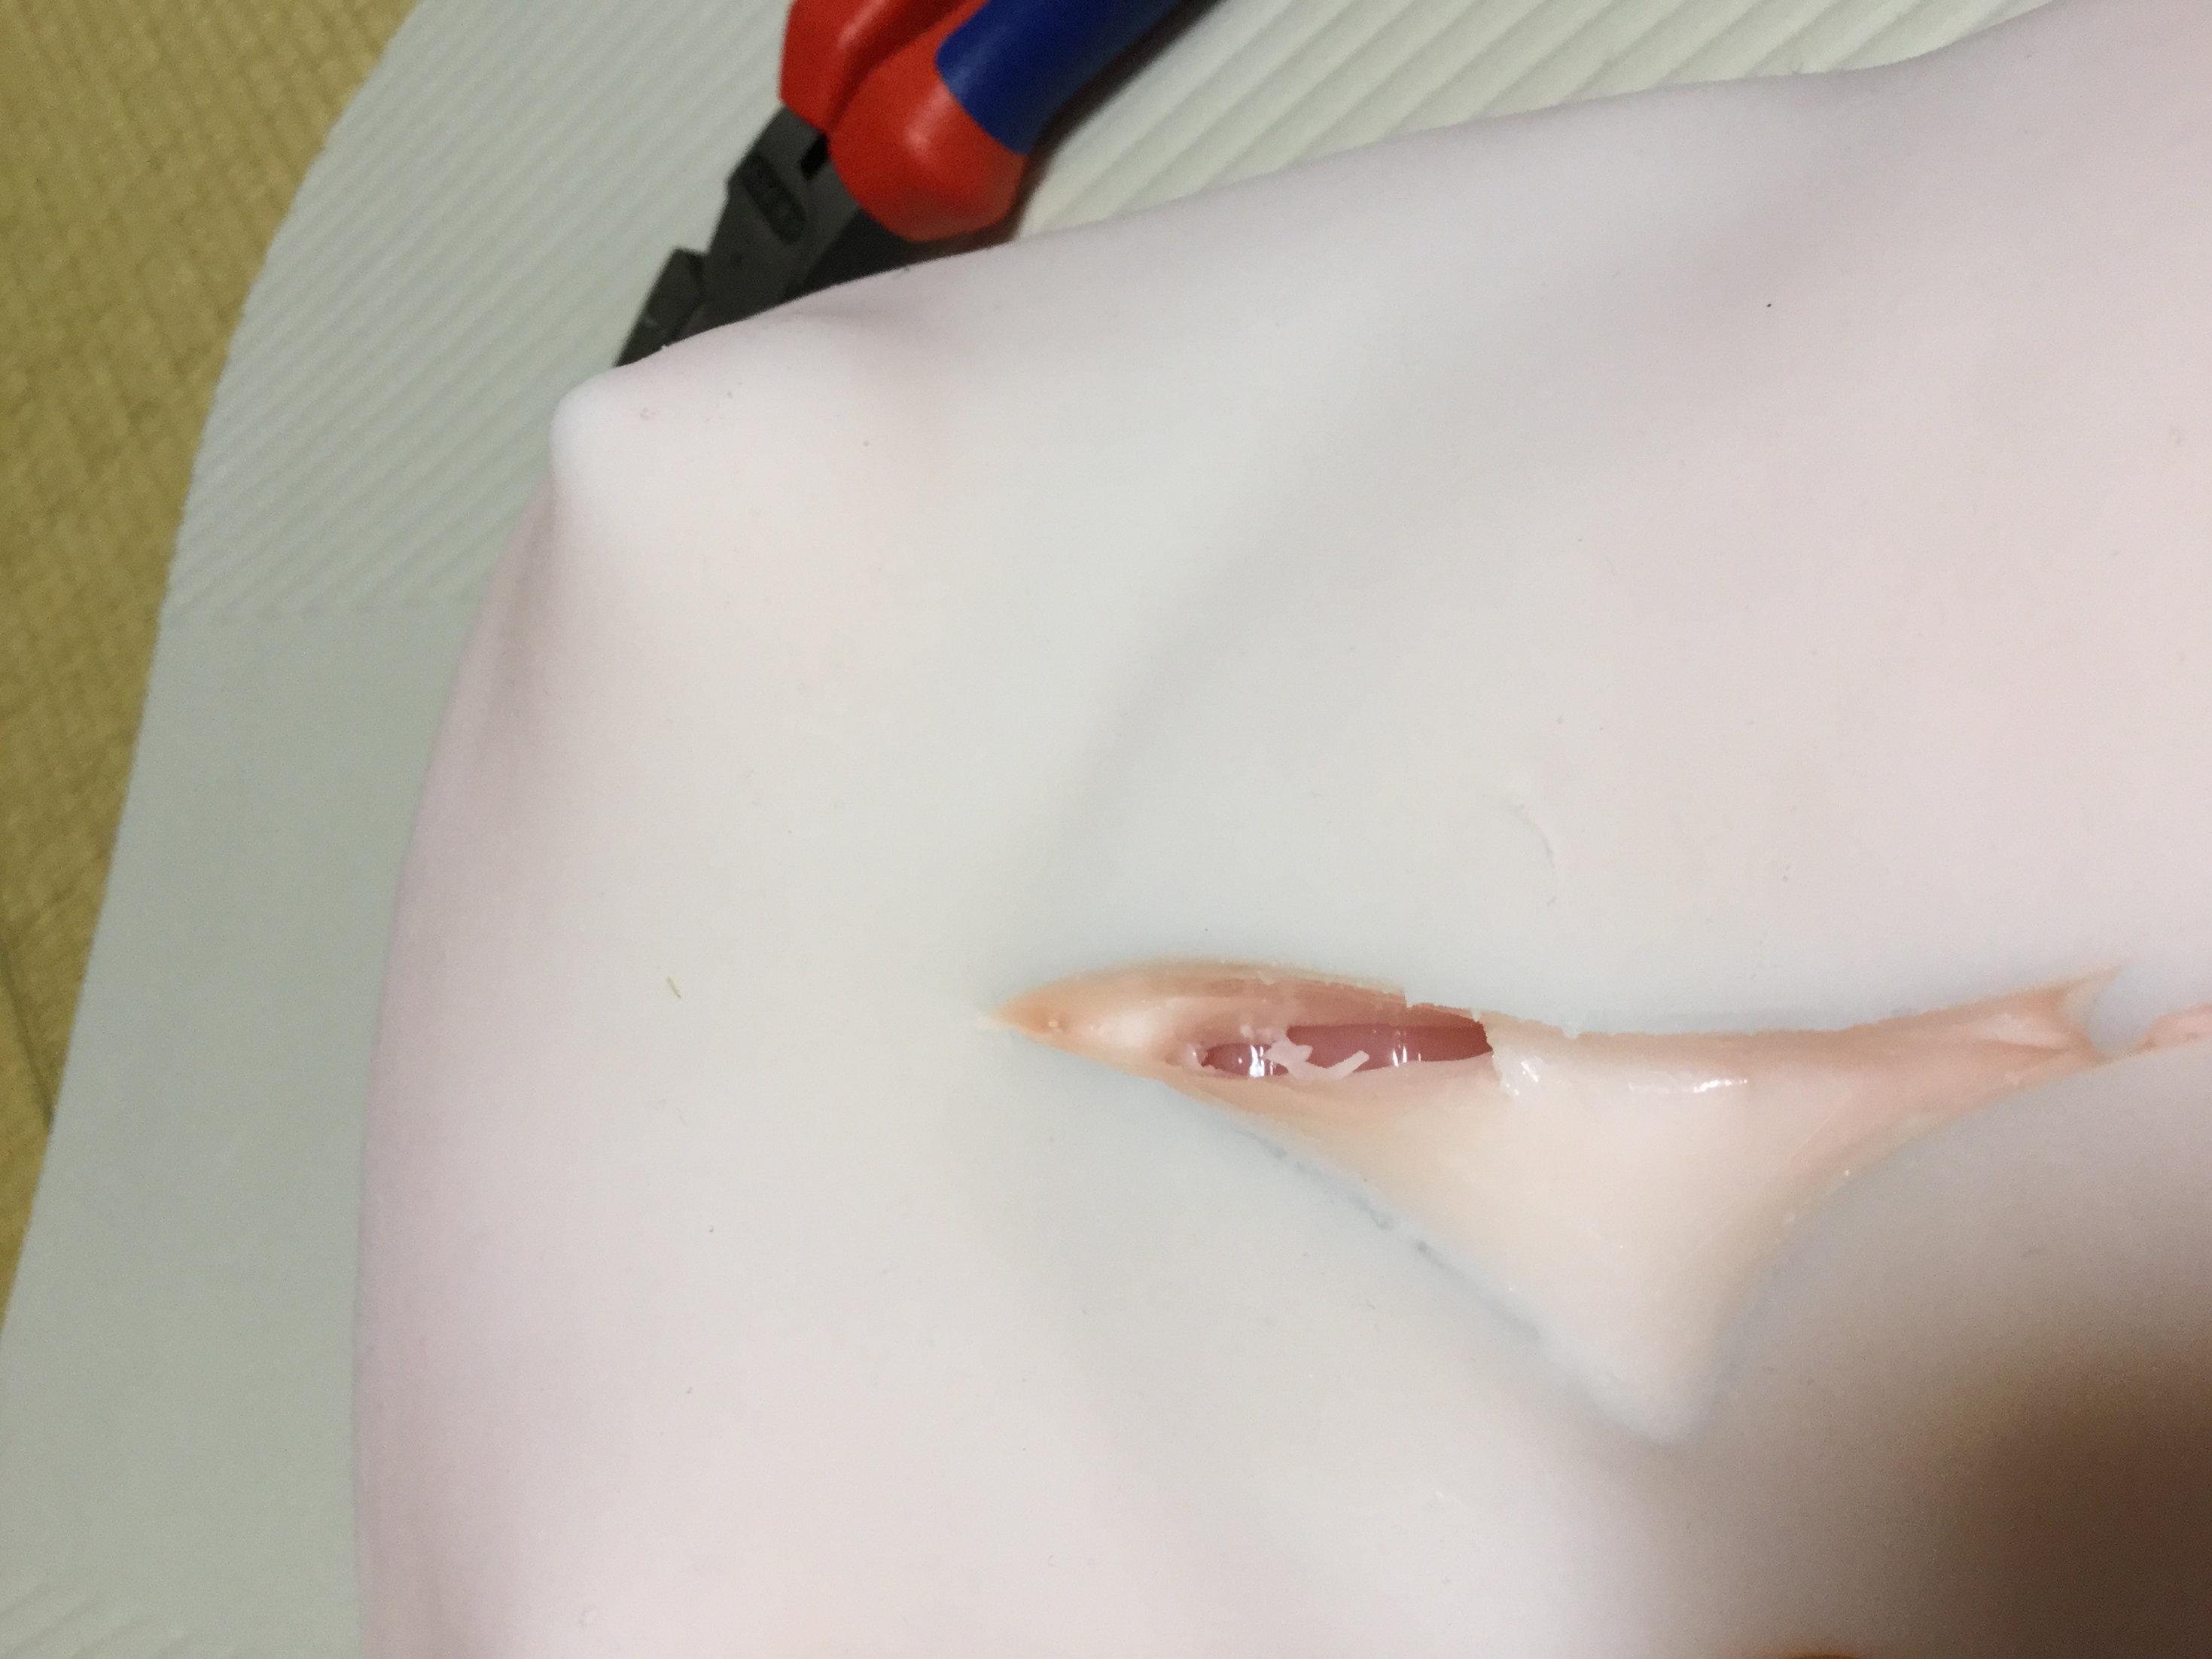 【閲覧注意】犯すのに飽きたので女の子を解剖して切り刻んでみるね。(画像あり)・9枚目